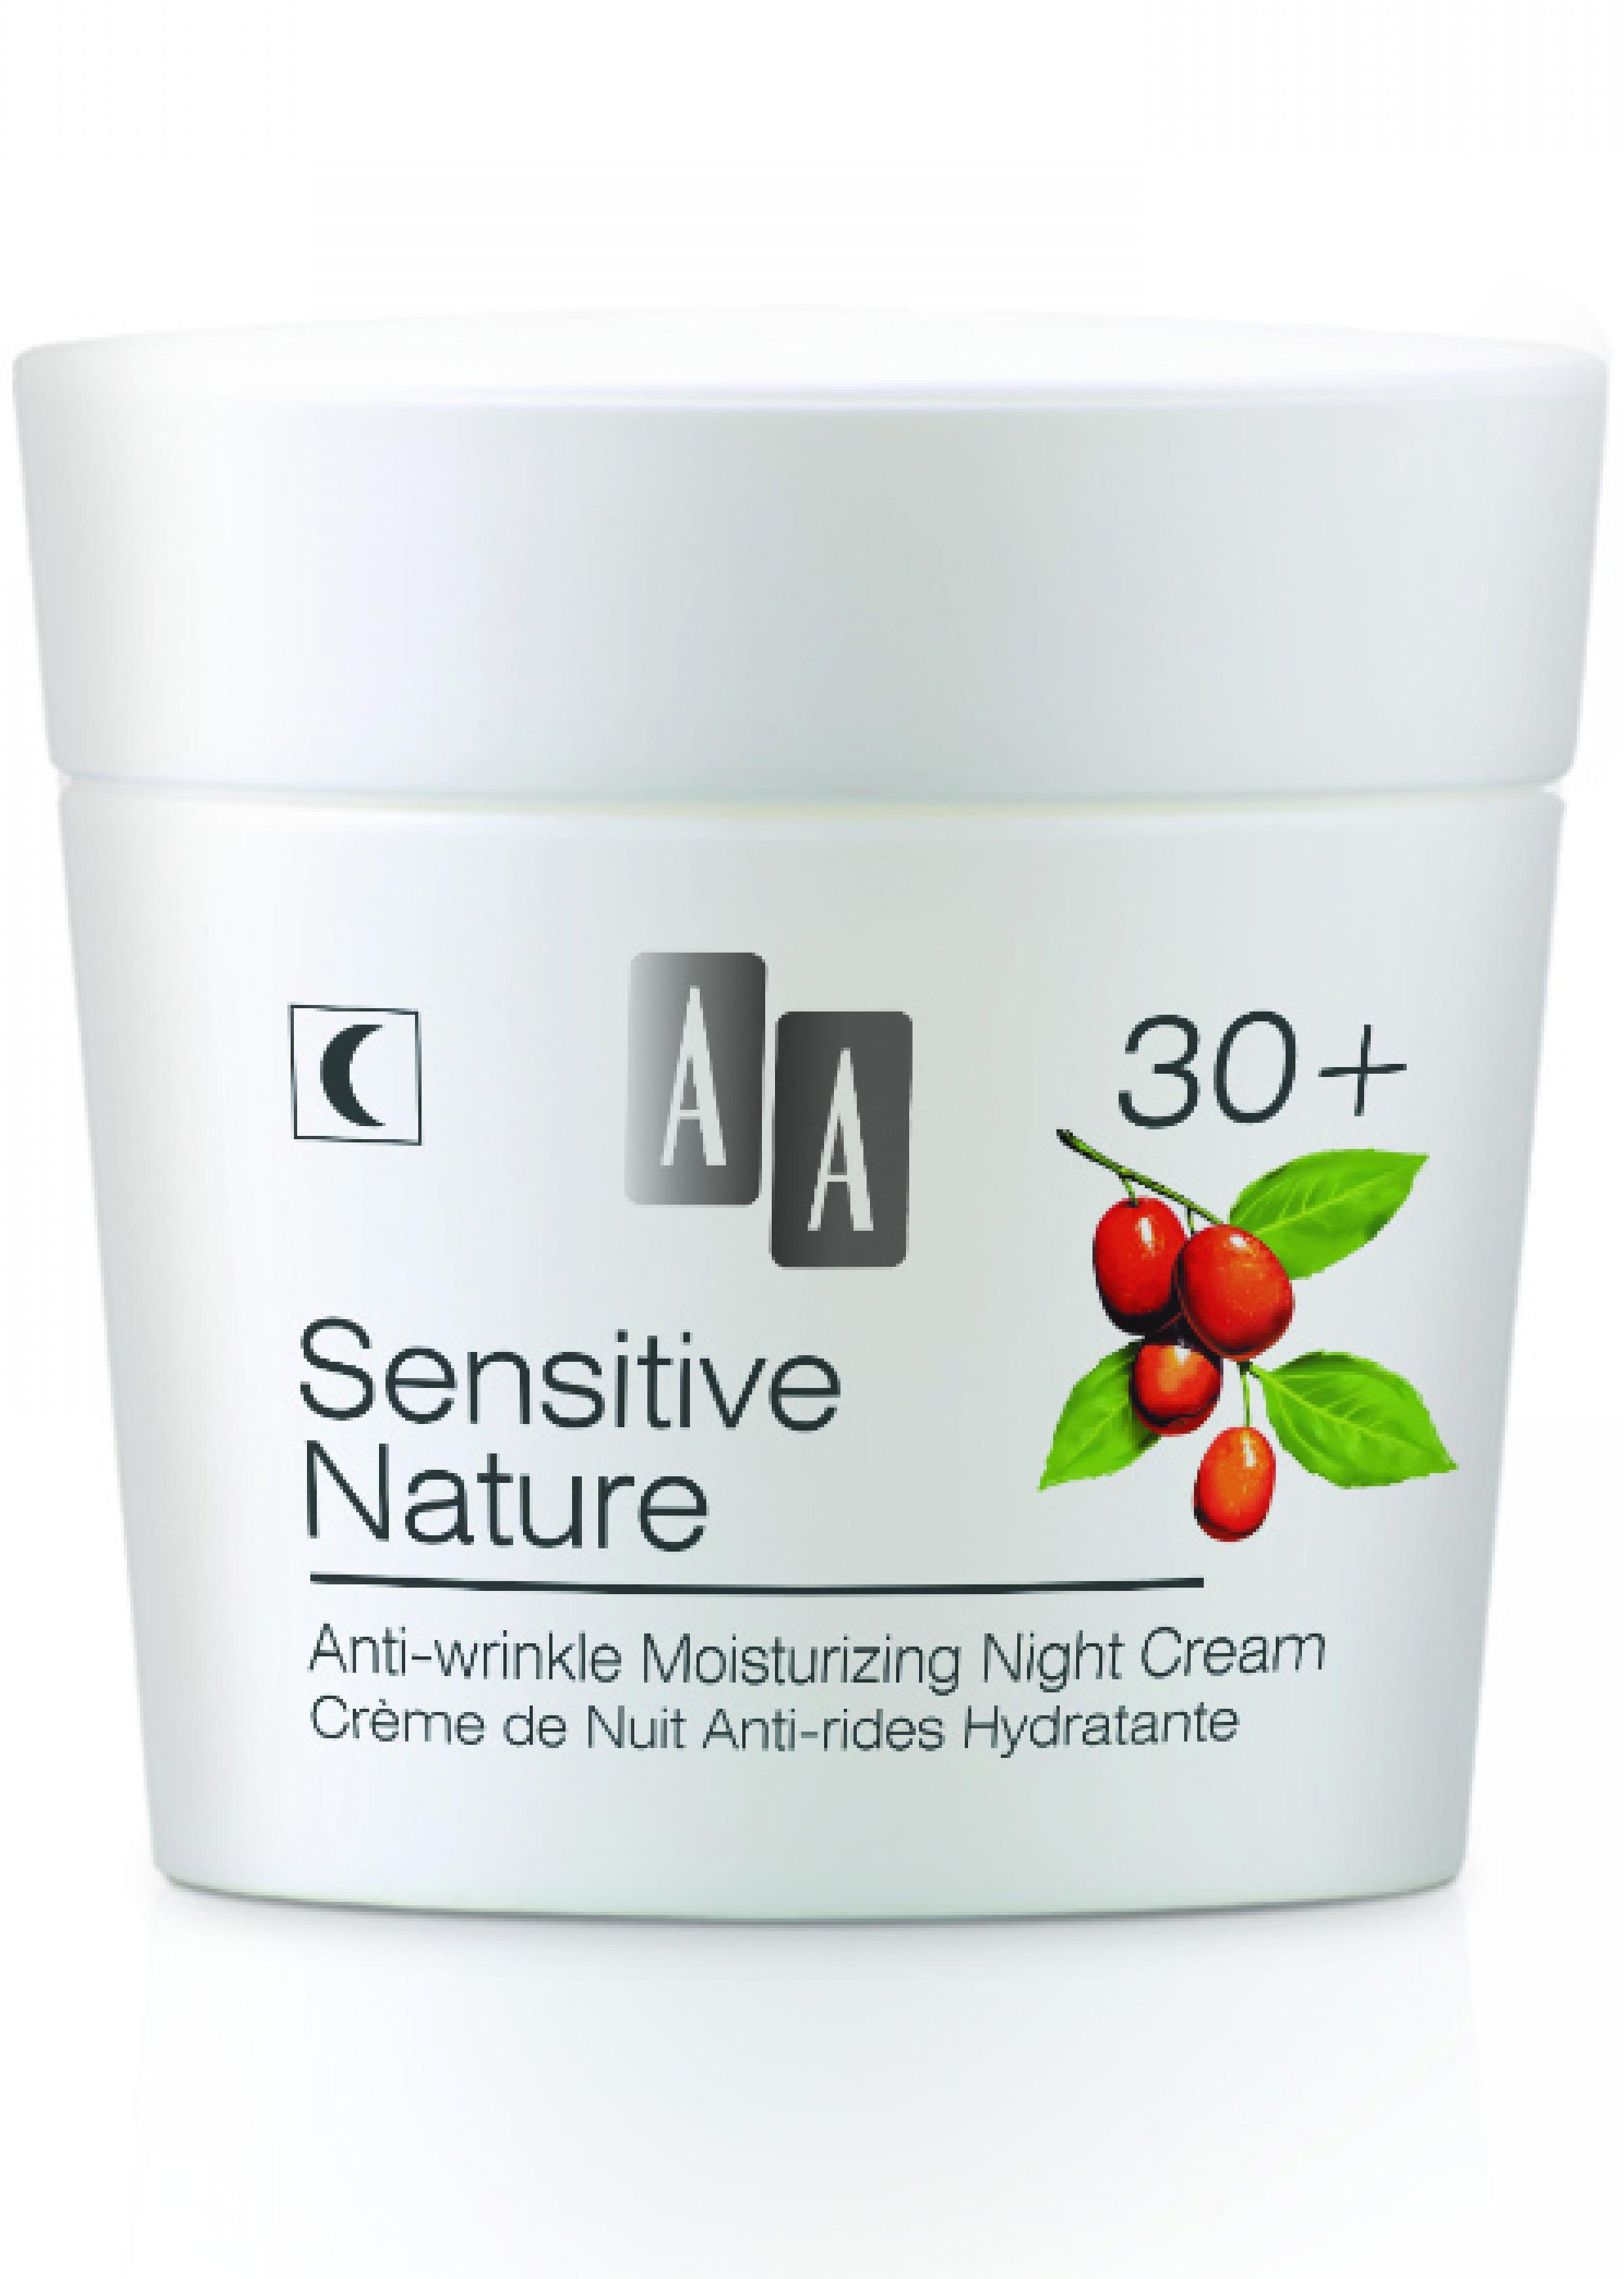 AA Sensitive Nature- Goji-Ránctalanító és Hidratáló..